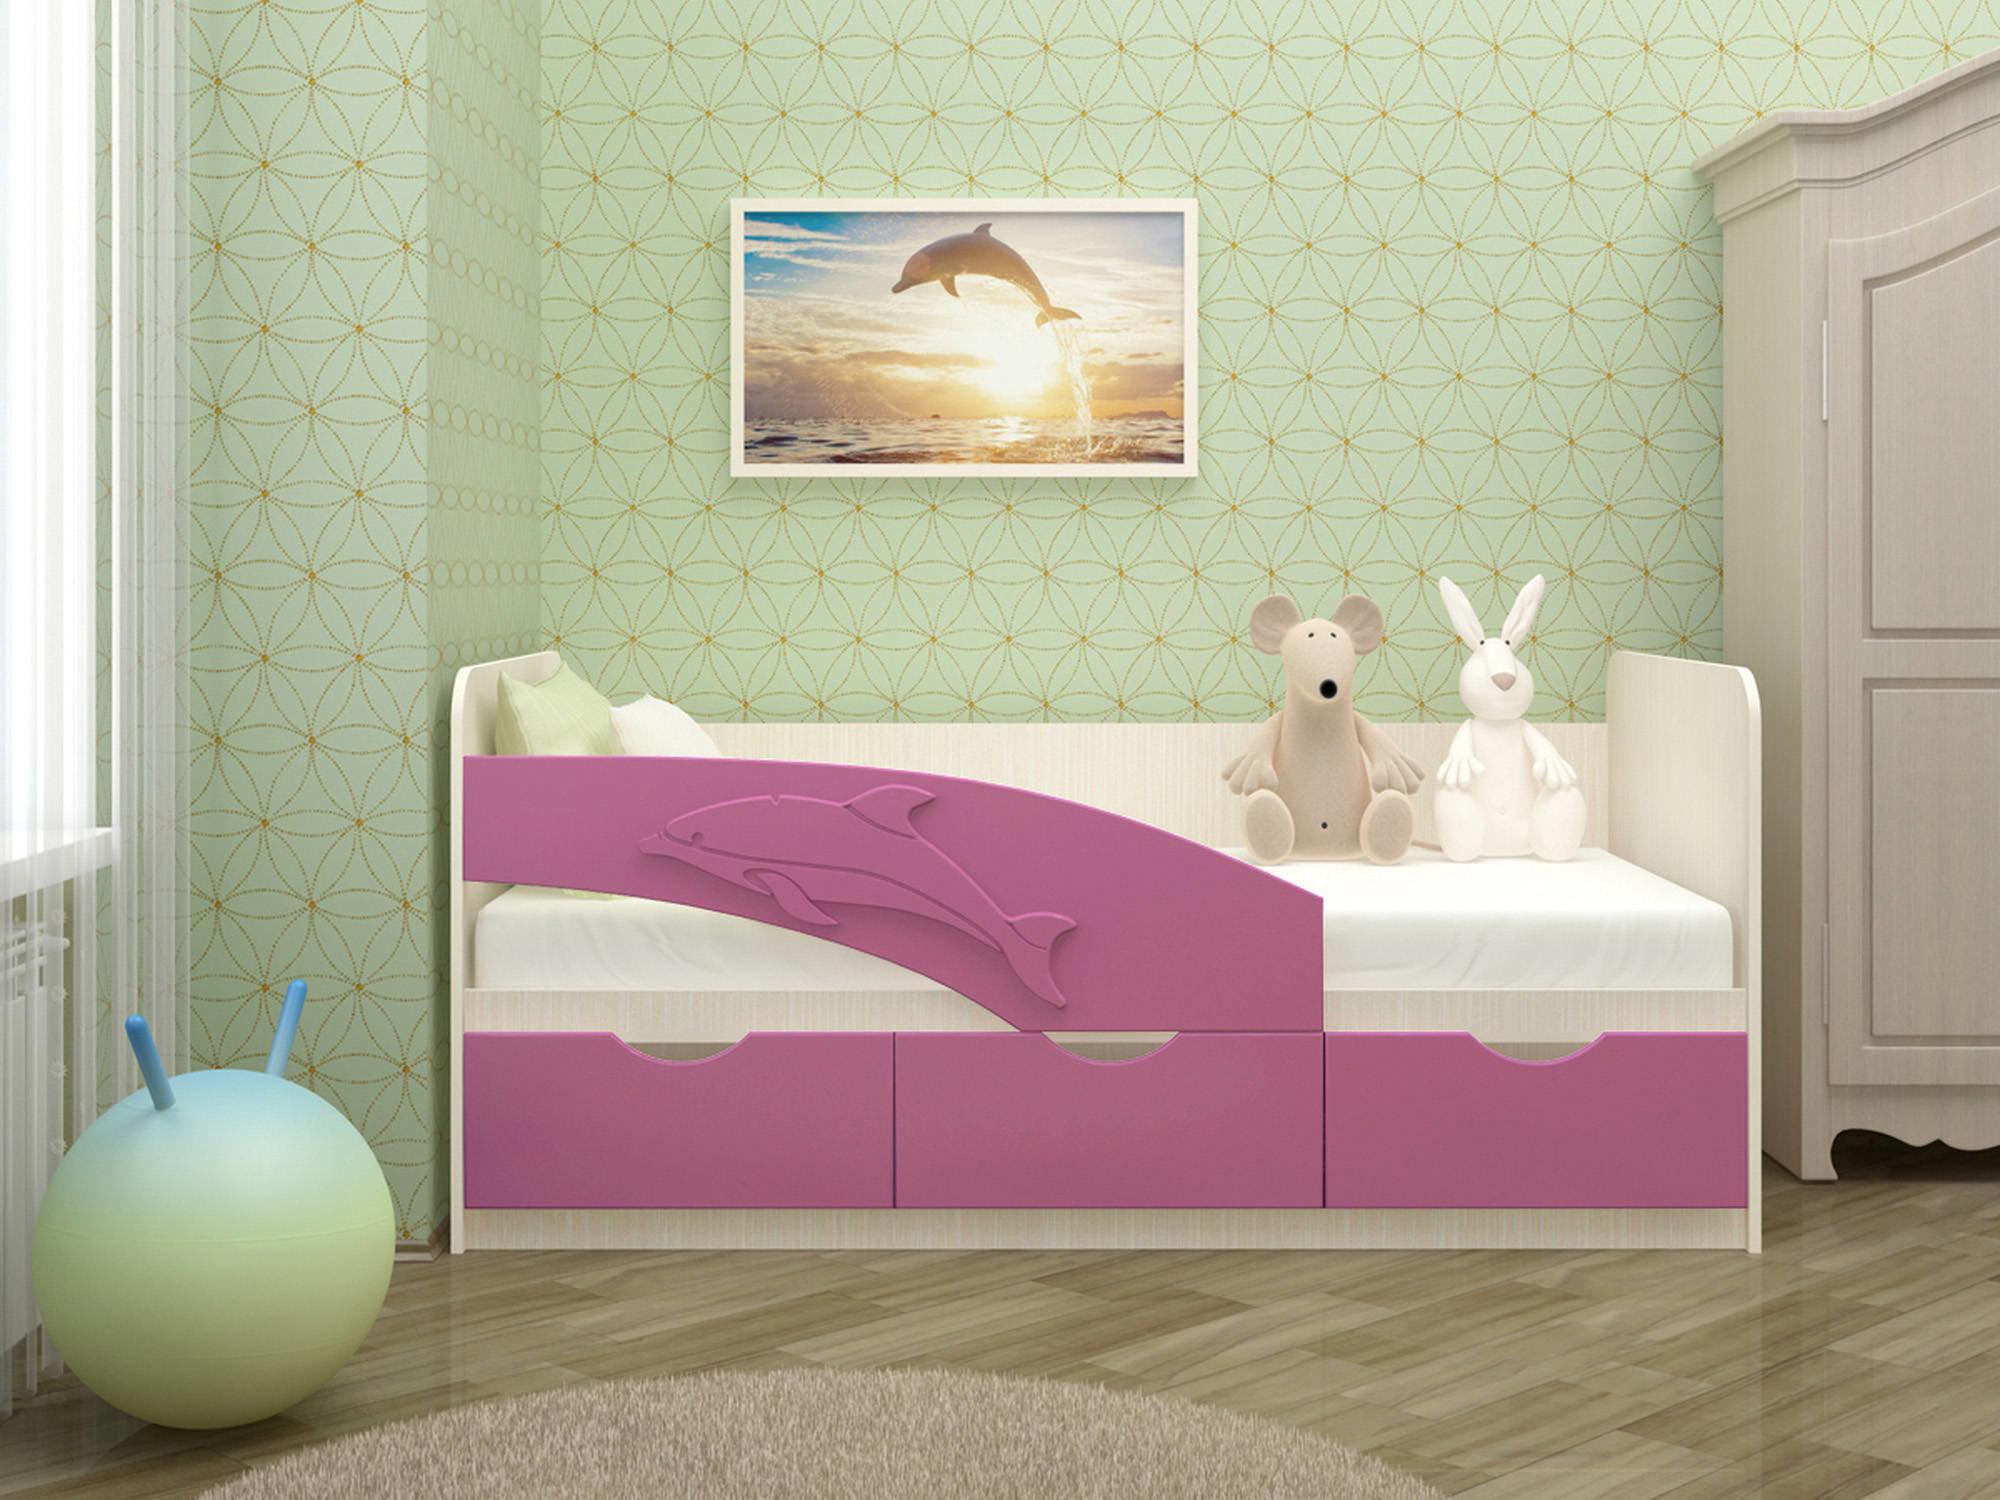 Детская кровать Дельфин (80х160)